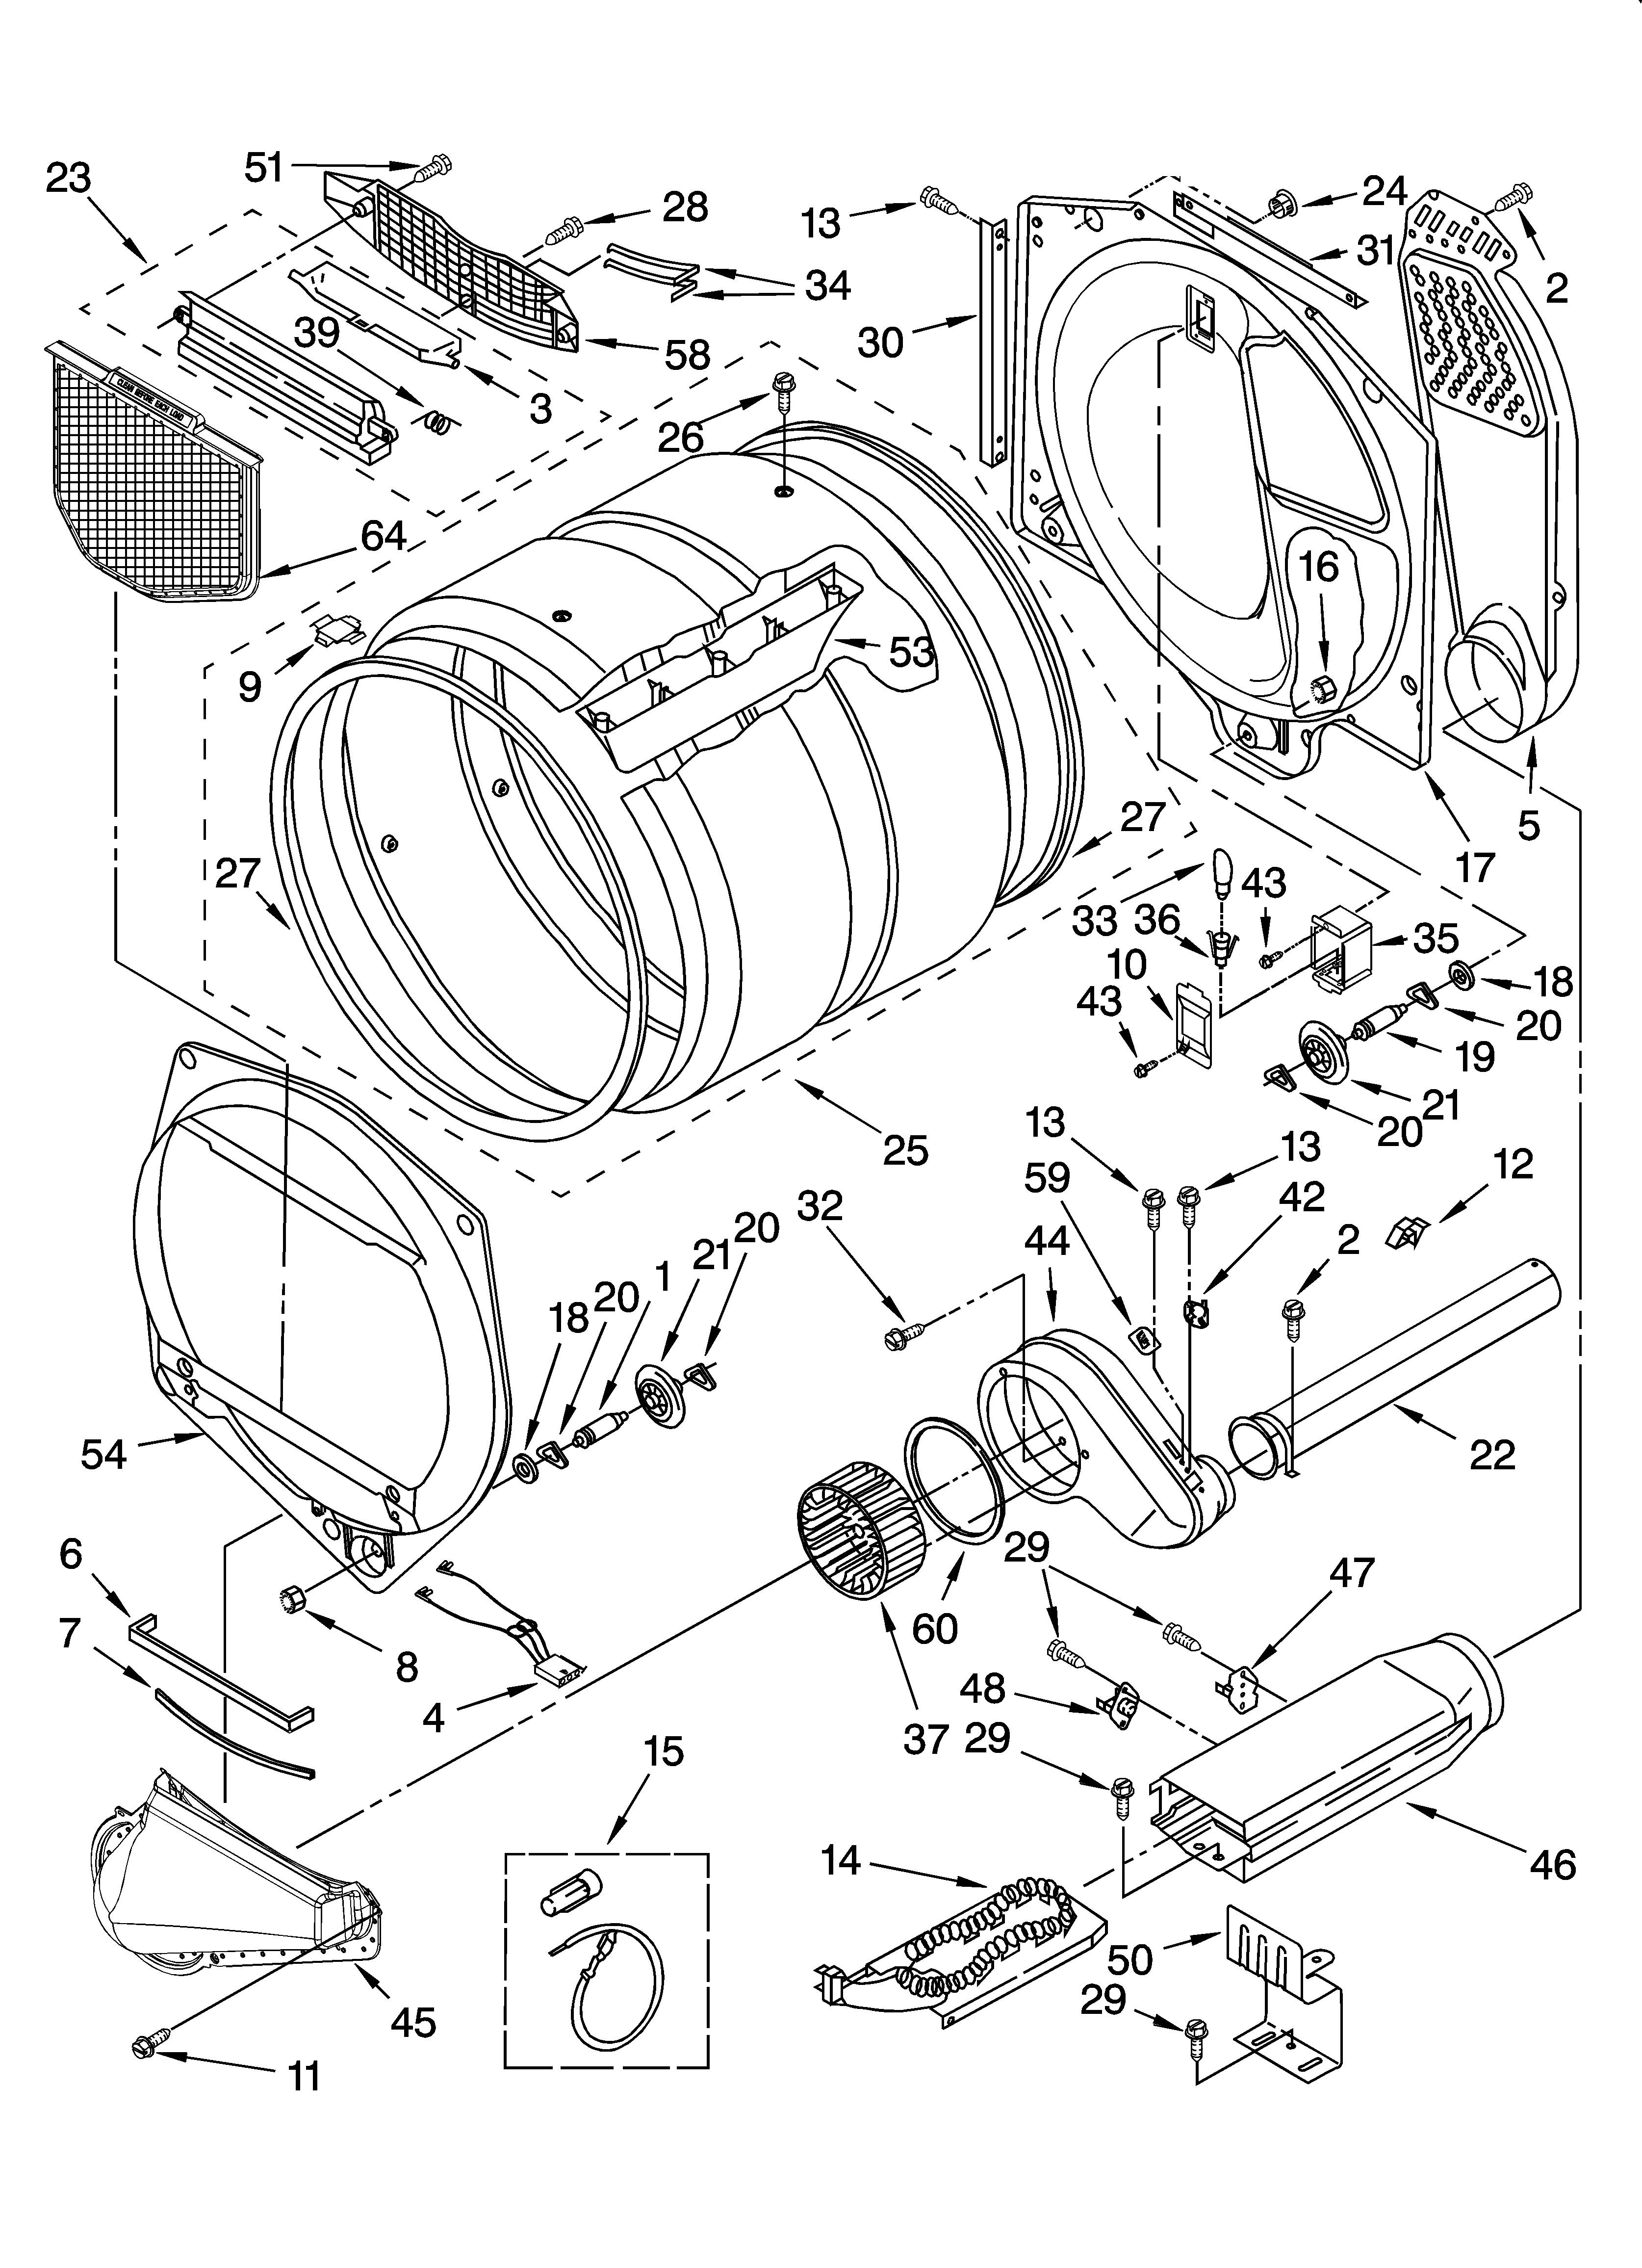 Dryer Schematic Diagram